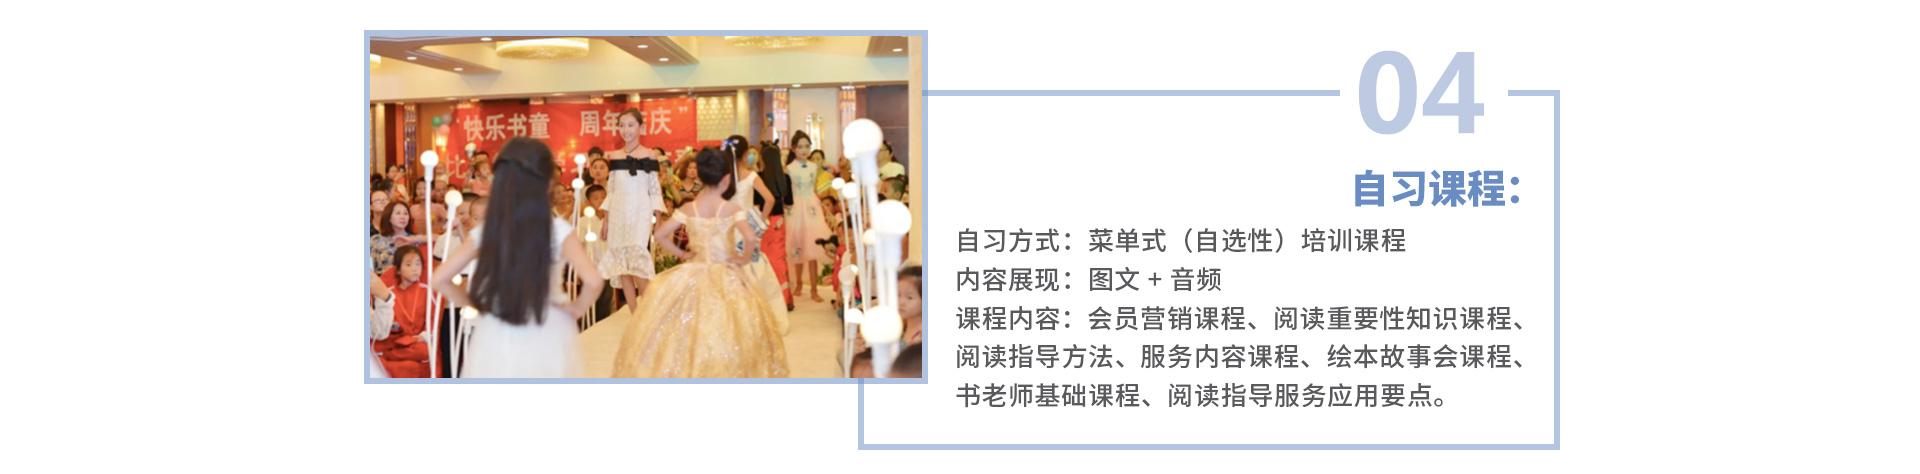 快乐书童阅读馆PC-快乐书童-许小琥_20